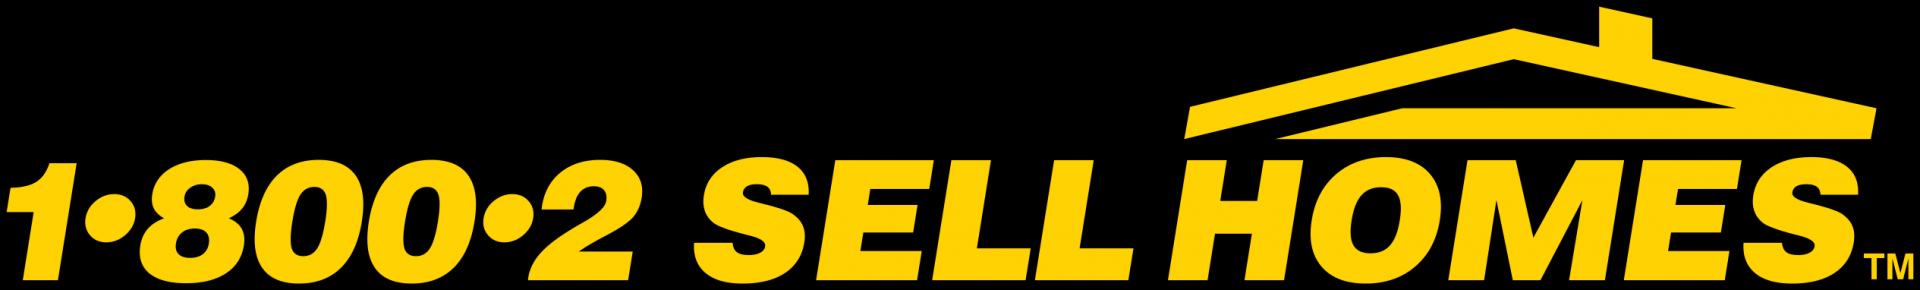 18002sellhomes logo